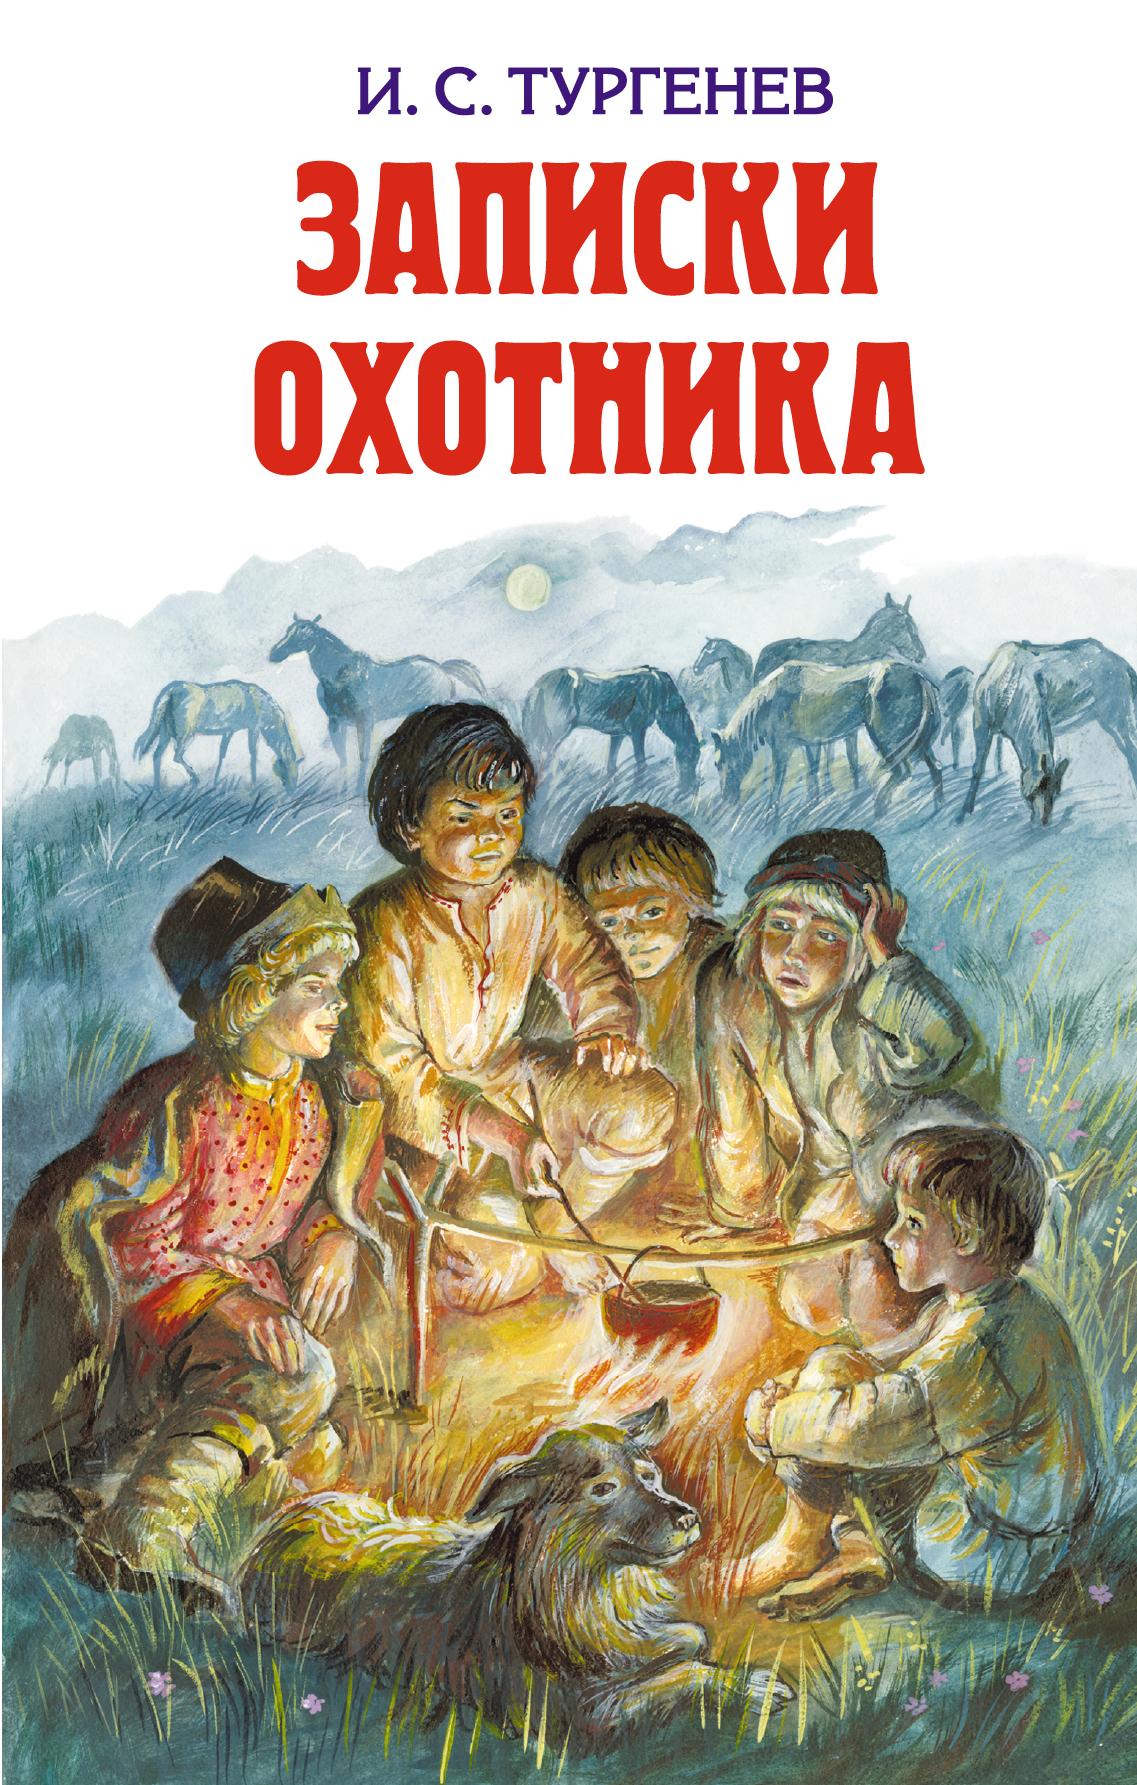 Песня - Наука о литературе (Вып. 13) 9785699396771